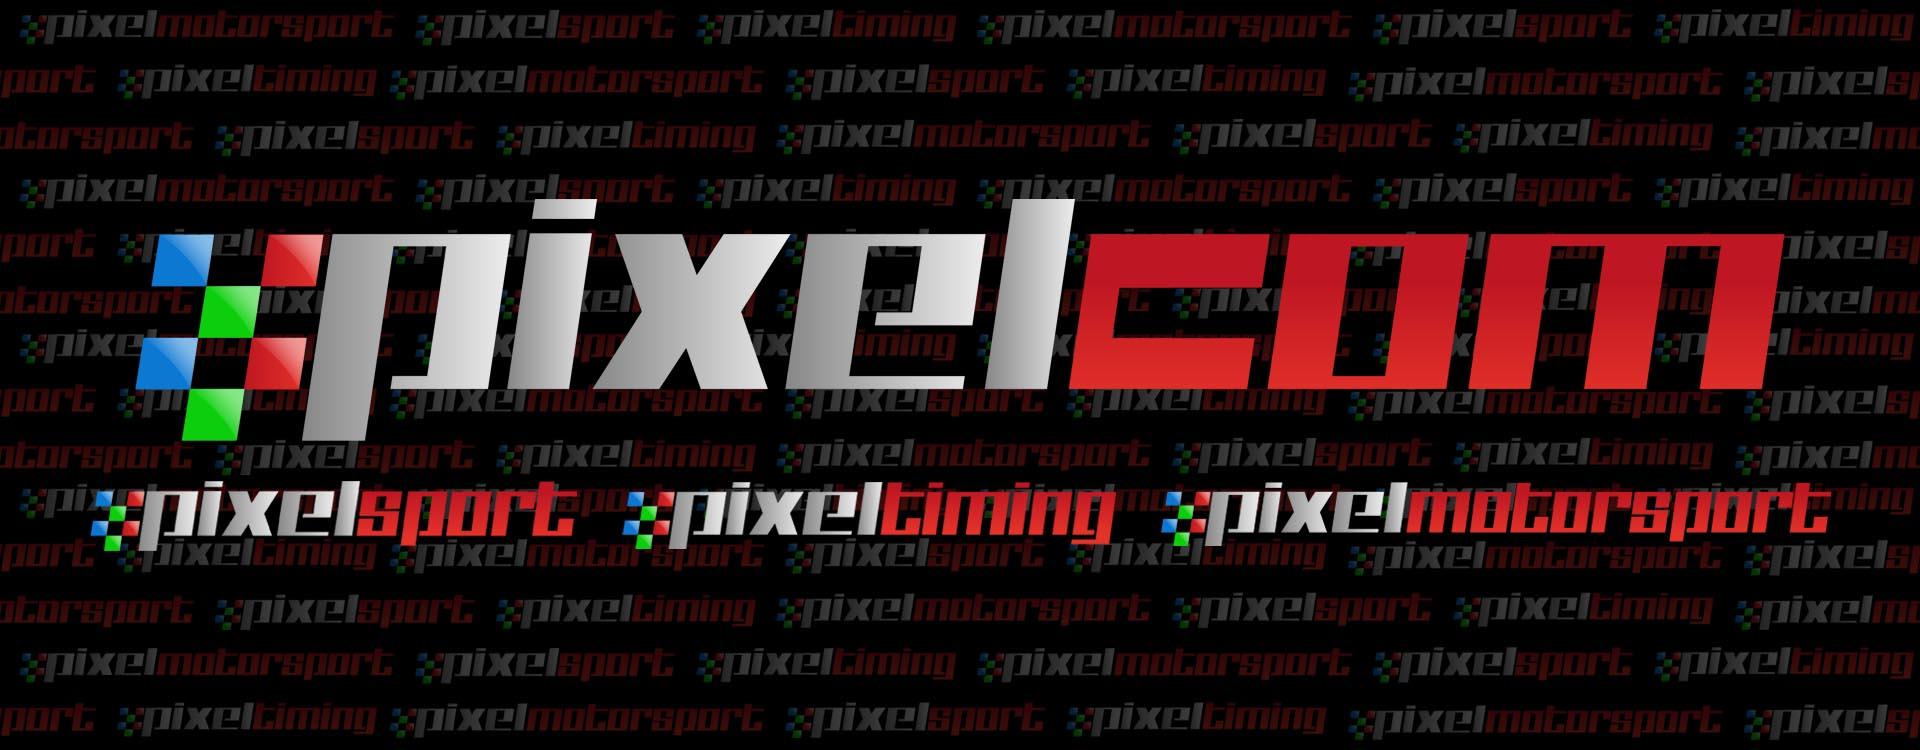 Pixelcom